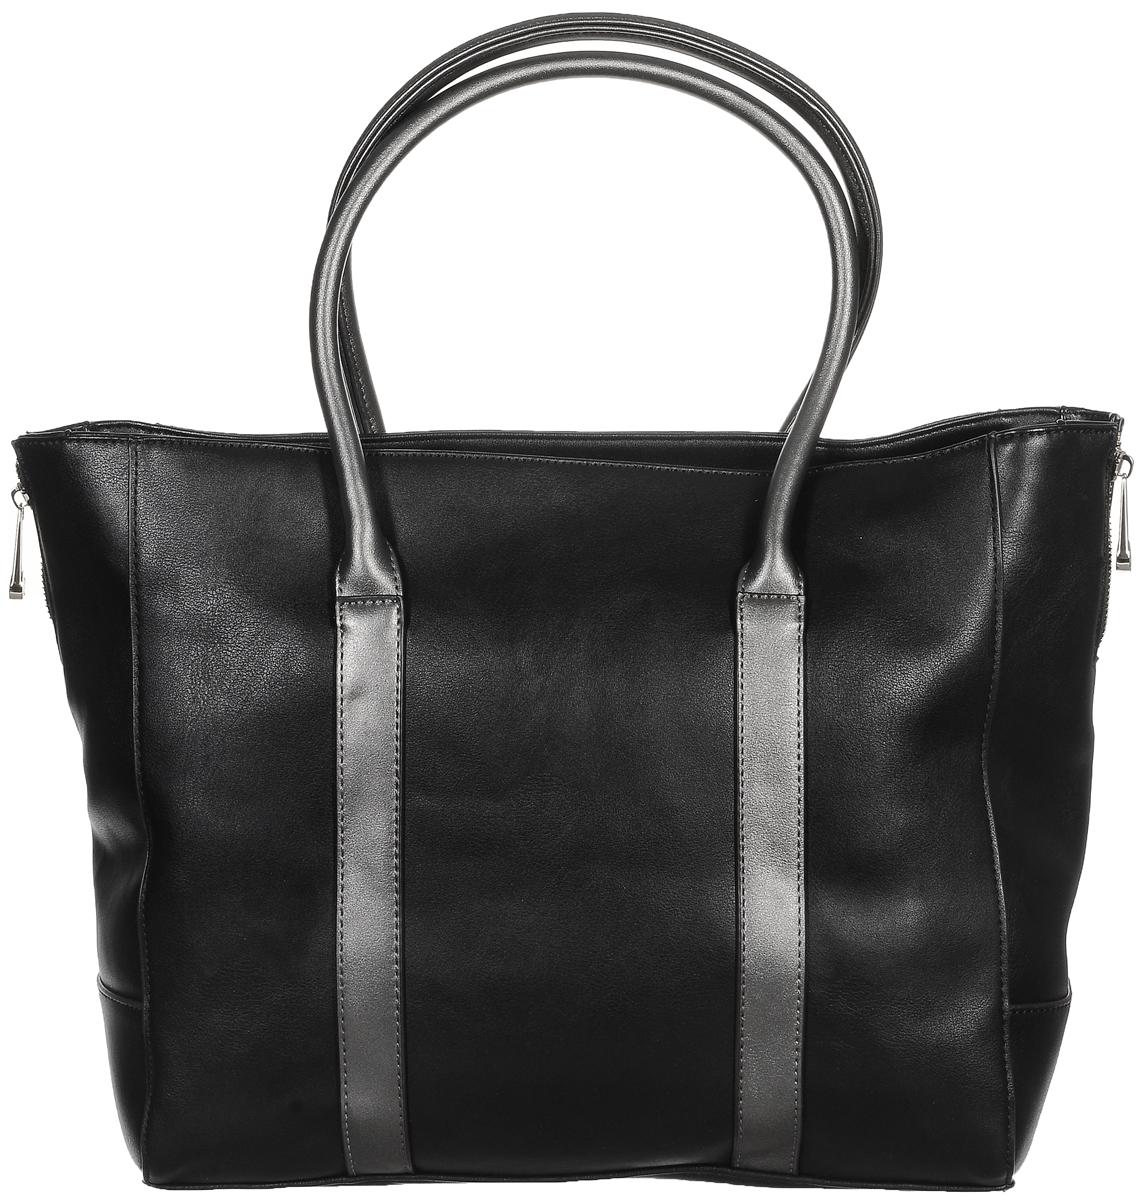 Сумка женская Renee Kler, цвет: черный, серый. RK121-018-2Изысканная женская сумка Renee Kler, изготовленная из искусственной кожи, оформлена декоративными молниями по бокам. Изделие имеет одно основное отделение и закрывается на удобную застежку-молнию. Внутри расположены два накладных открытых кармана, прорезной карман на застежке-молнии и накладной карман с отделением на застежке-молнии. Снаружи, на задней стенке находится прорезной карман на застежке-молнии. Сумка оснащена двумя удобными ручками.Роскошная сумка внесет элегантные нотки в ваш образ и подчеркнет ваше отменное чувство стиля.